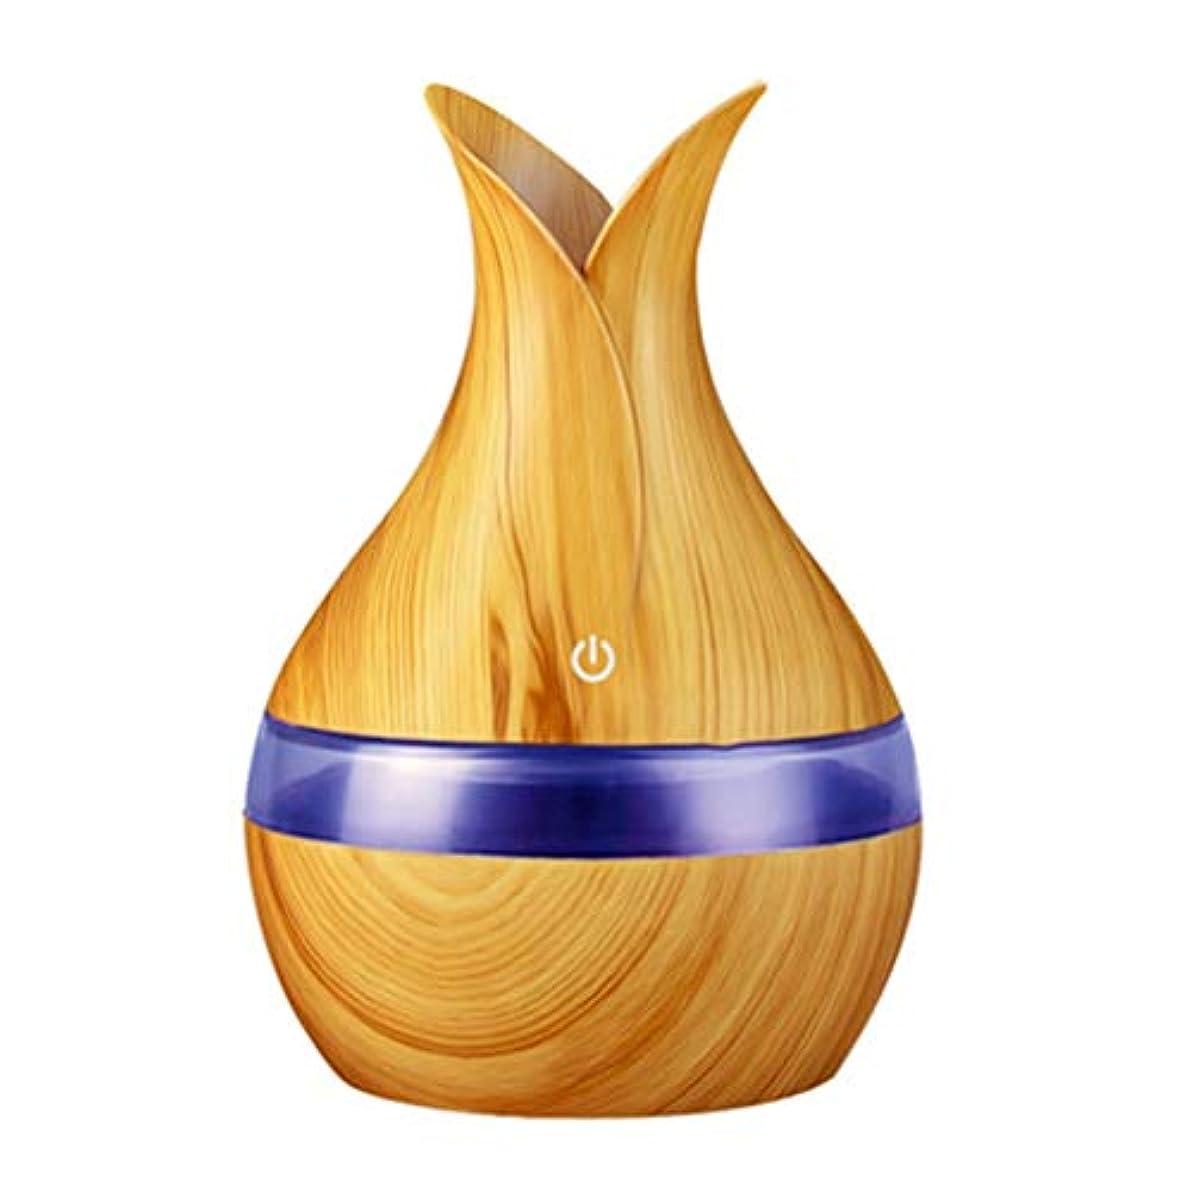 ボーカル階段クランプ300ミリリットル超音波クールミスト加湿器カラーLEDライト付き自宅、ヨガ、オフィス、スパ、寝室、ベビールームの拡散器 - 木目調子 (Color : Light wood grain, Size : 165mm*110mm)